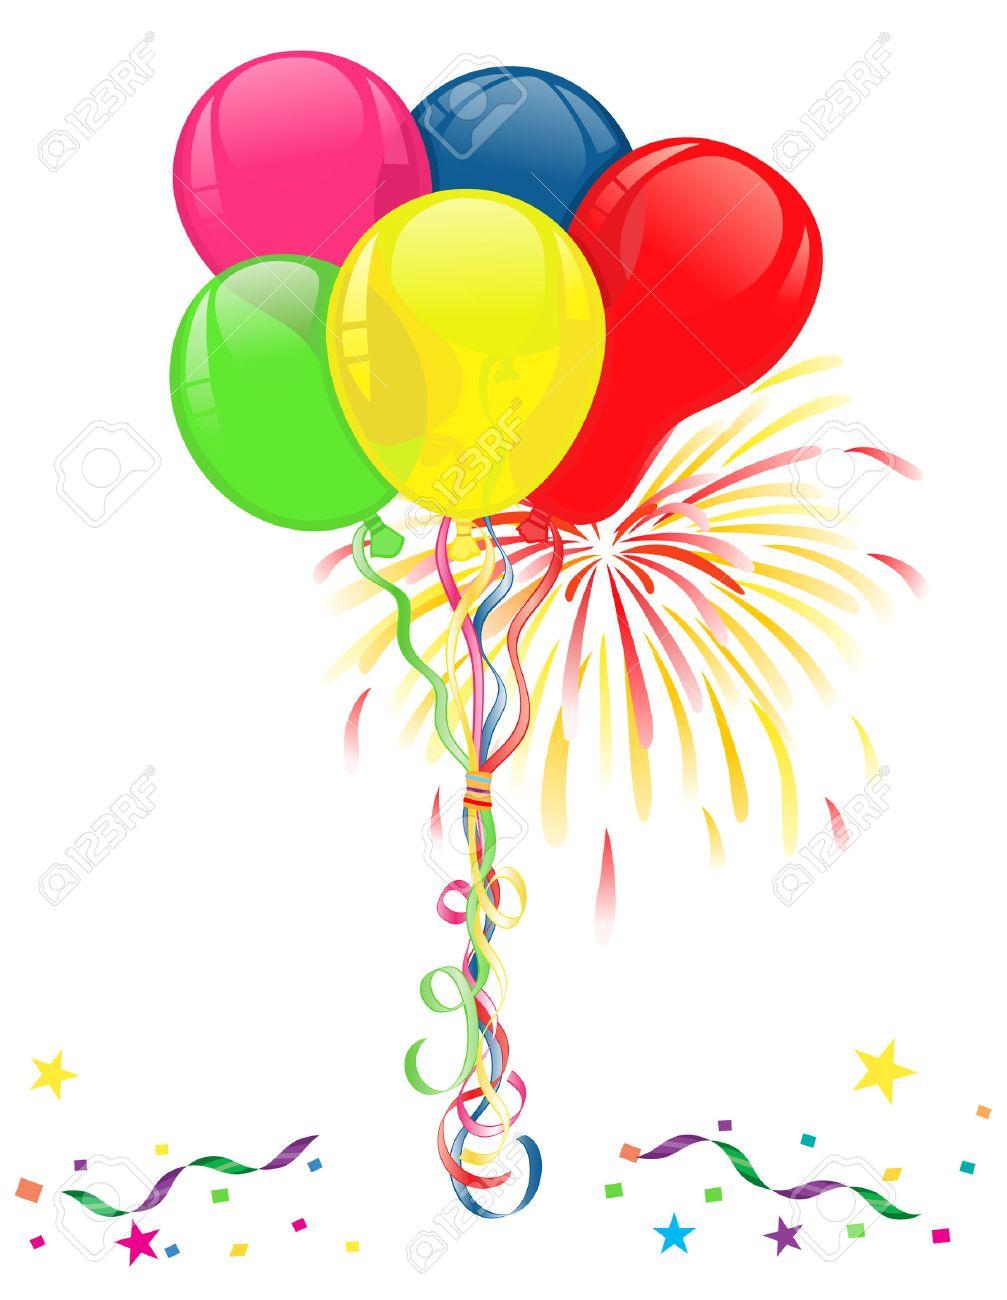 globos de colores fuegos y confetis para fiestas y aislados sobre fondo